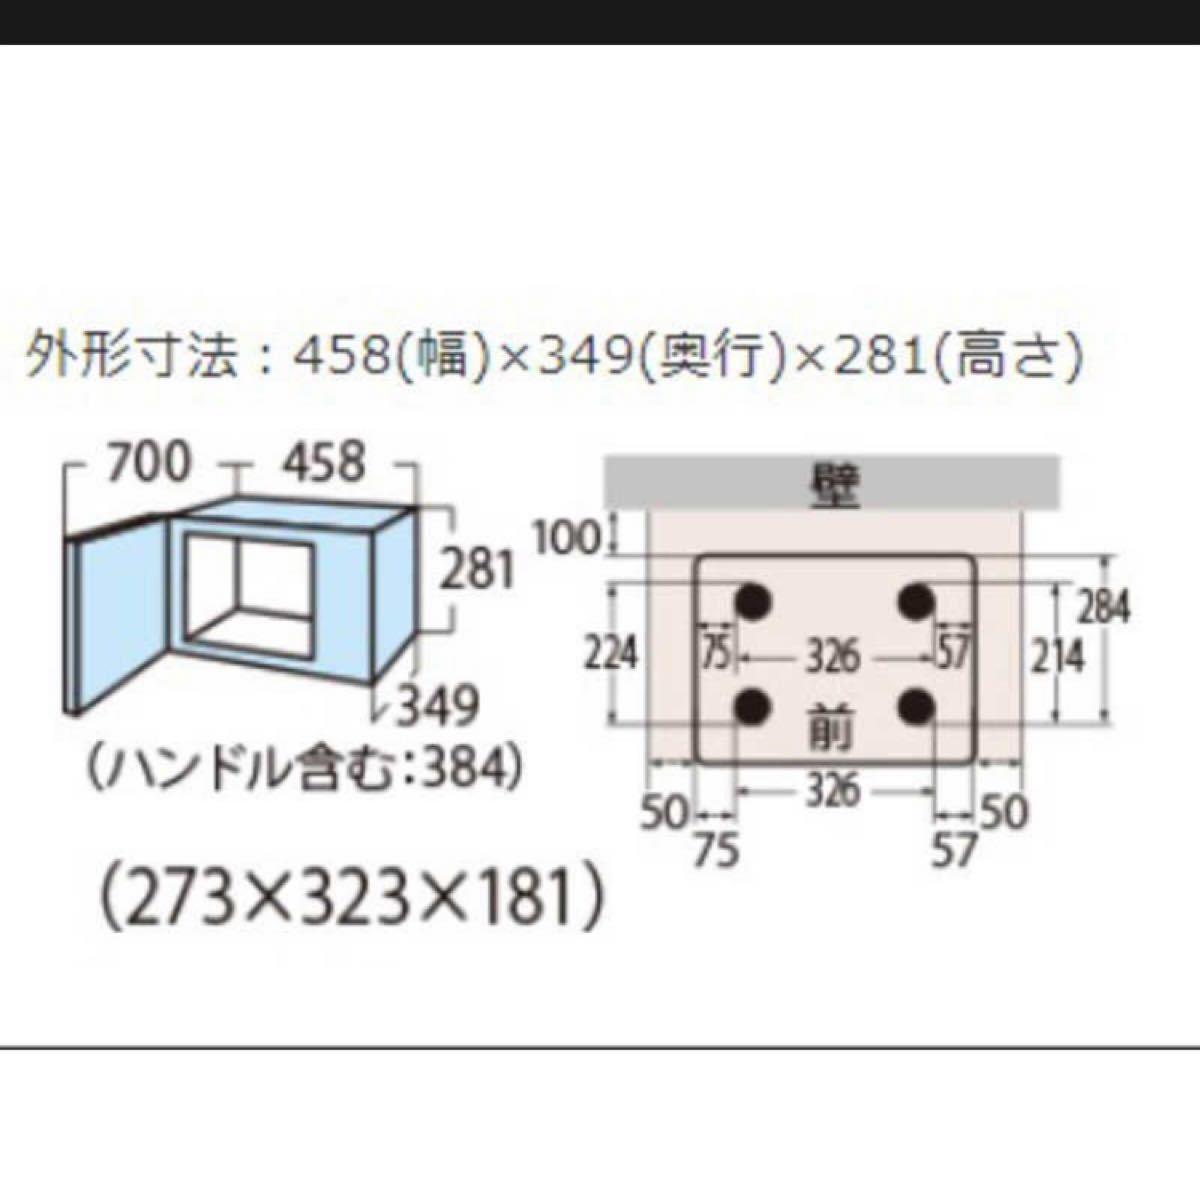 電子レンジ 東芝SM-17 フラットテーブル 新品 メーカー保証有 2021年製 未開封品